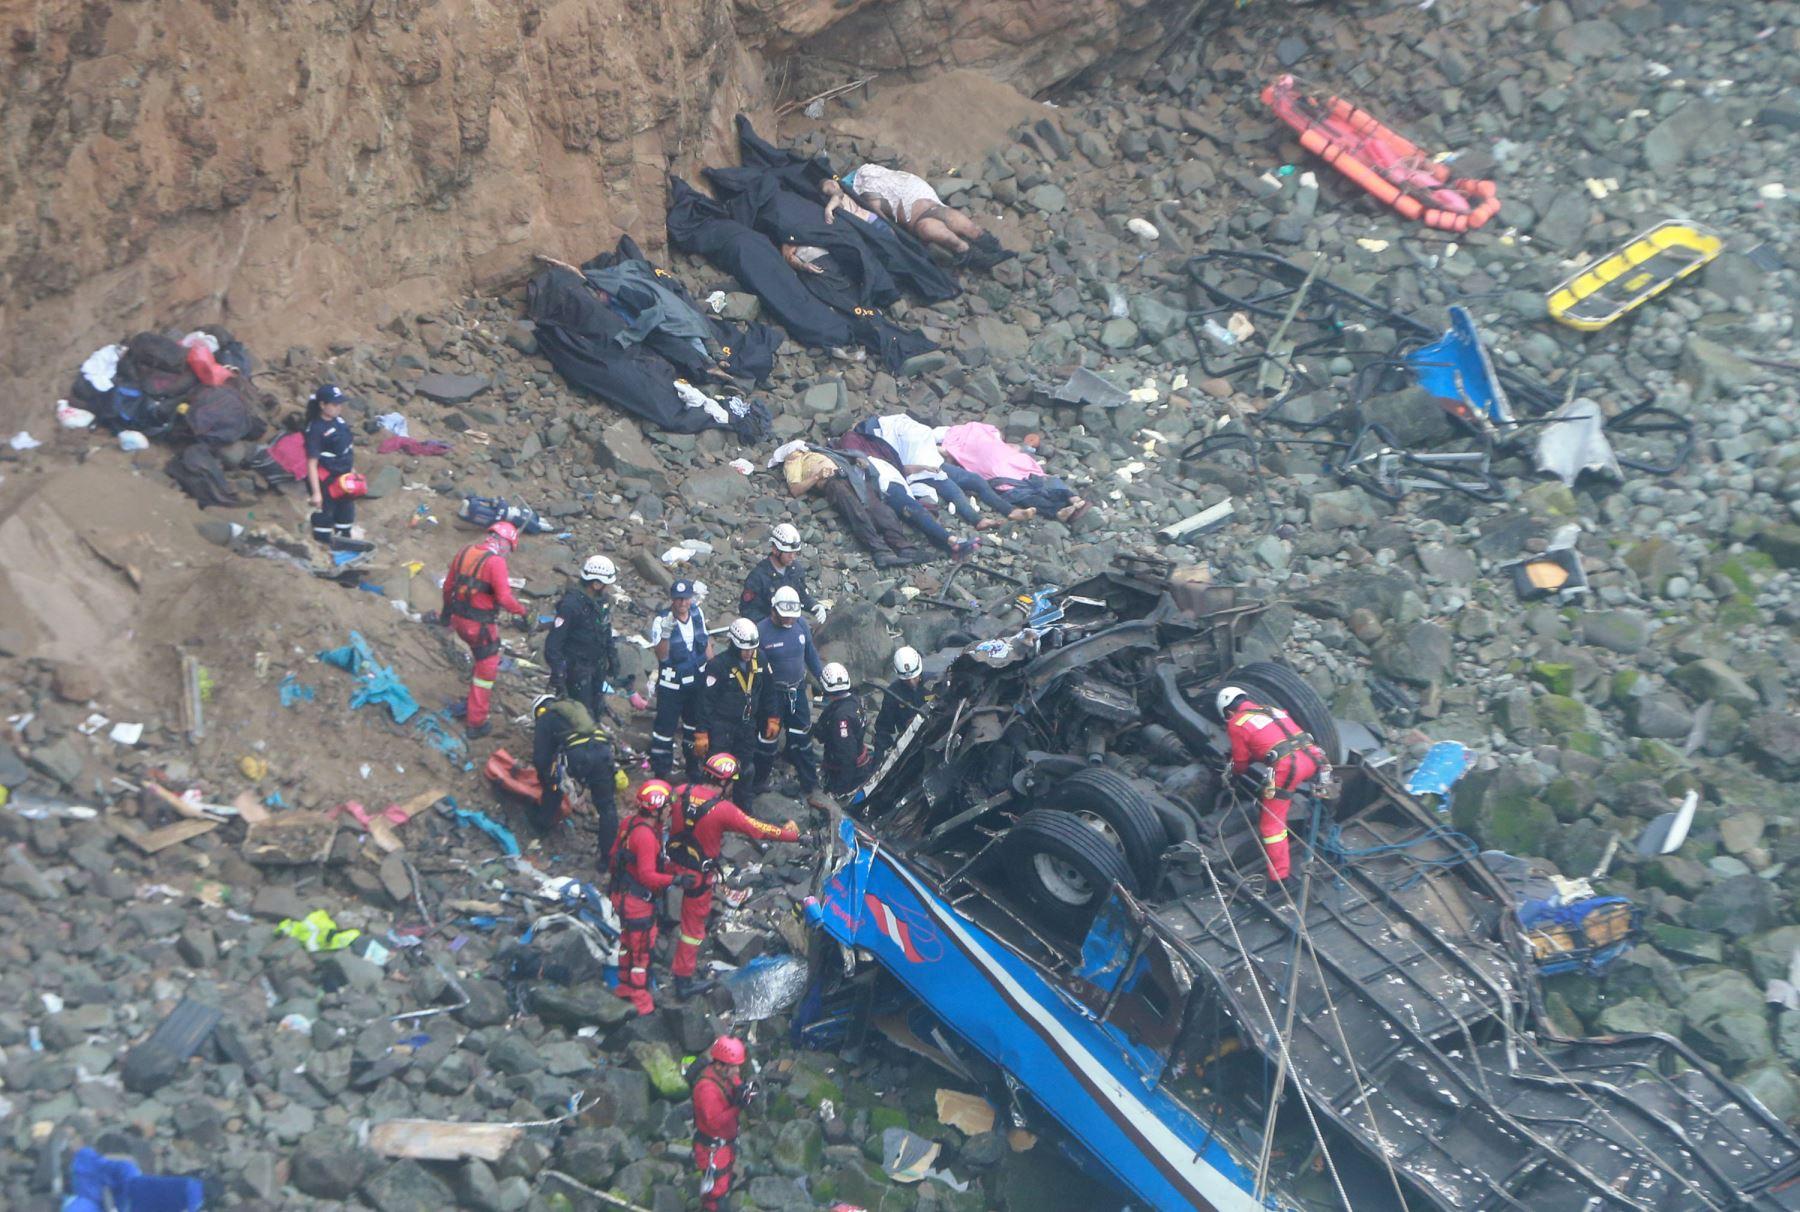 Indecopi multó con S/ 1.86 millones a empresa por accidente en Pasamayo que dejó 52 muertos. ANDINA/Vidal Tarqui